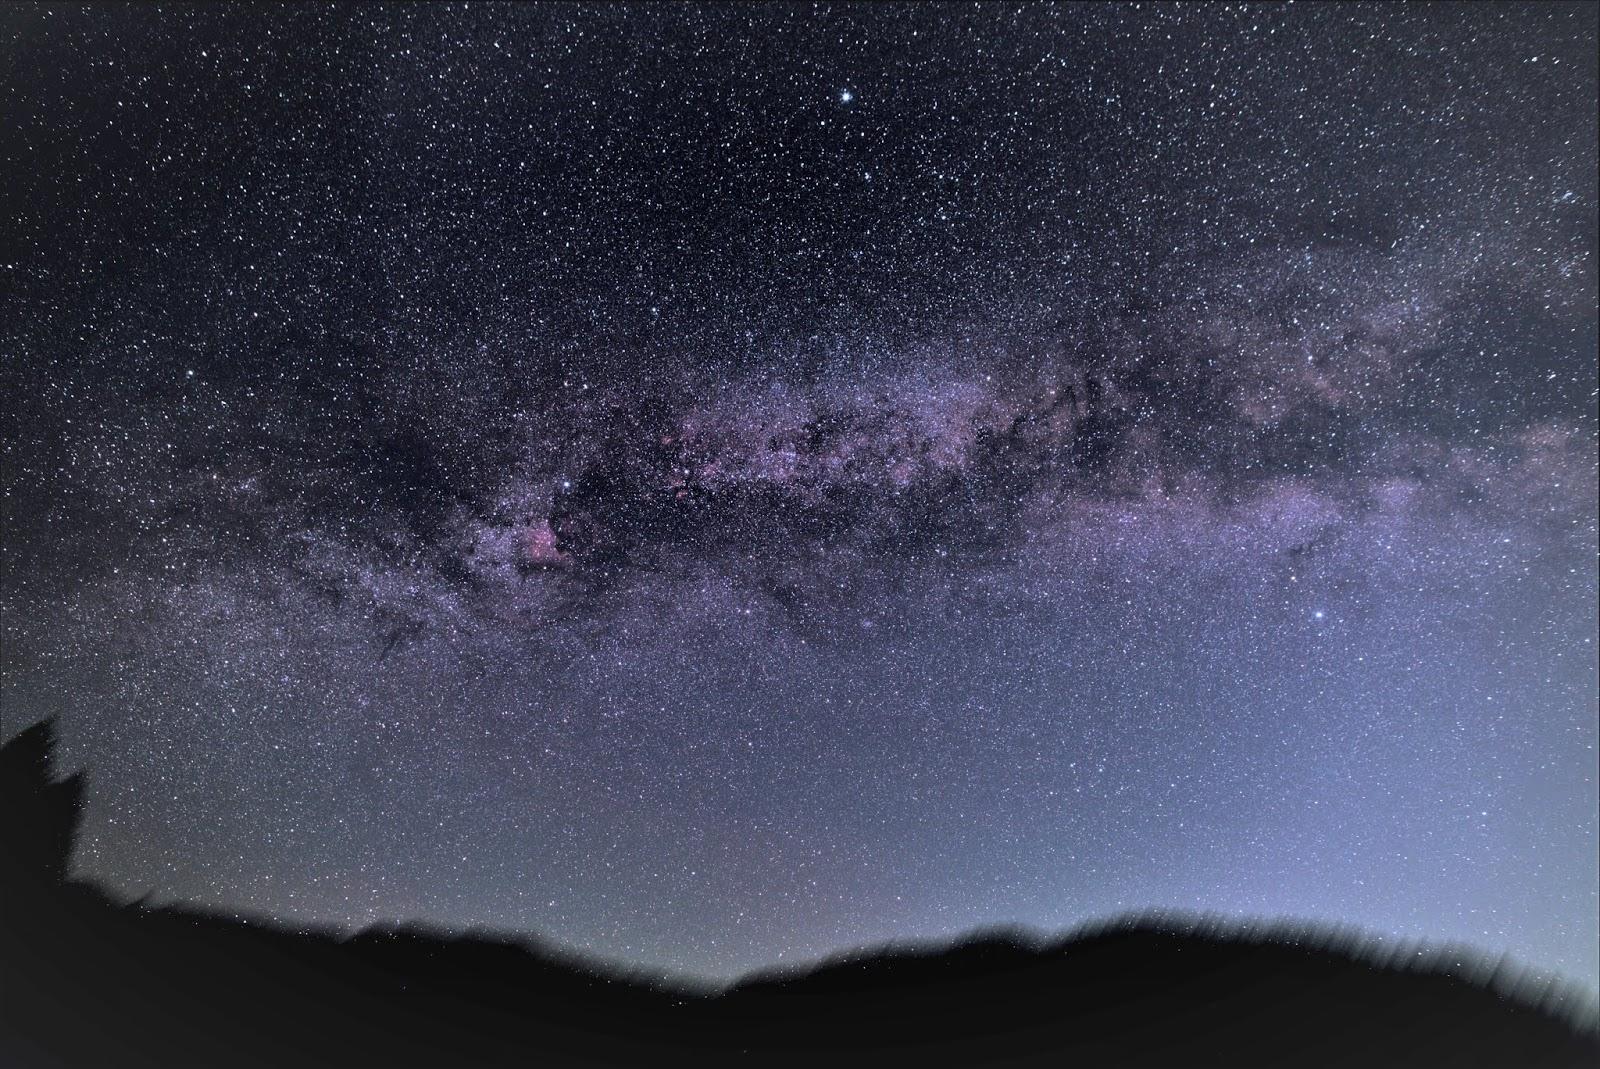 2019 天の川 2019年月別の天の川観測・撮影に適した日時!天の川を撮ろう!天の川の見え方は毎月違う!